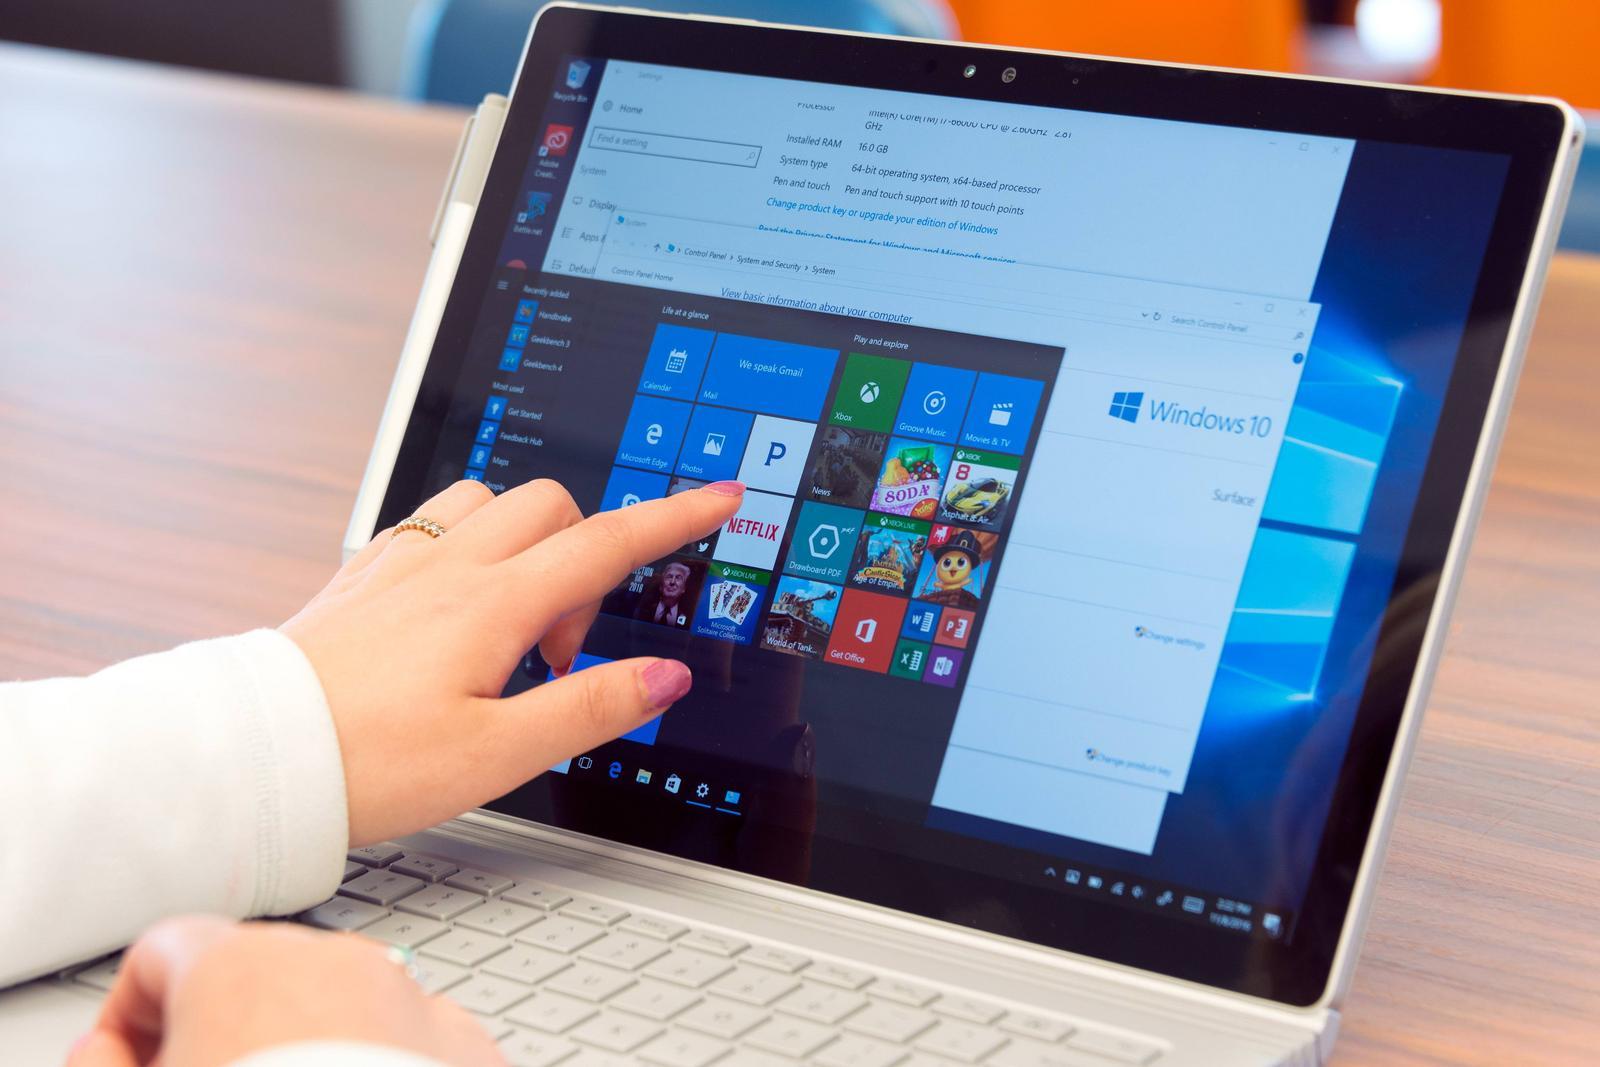 Bản cập nhật Windows 10 mới nhất (KB4103727) vẫn tiếp tục có thể gây sự cố khi cài đặt, và đây là cách khắc phục